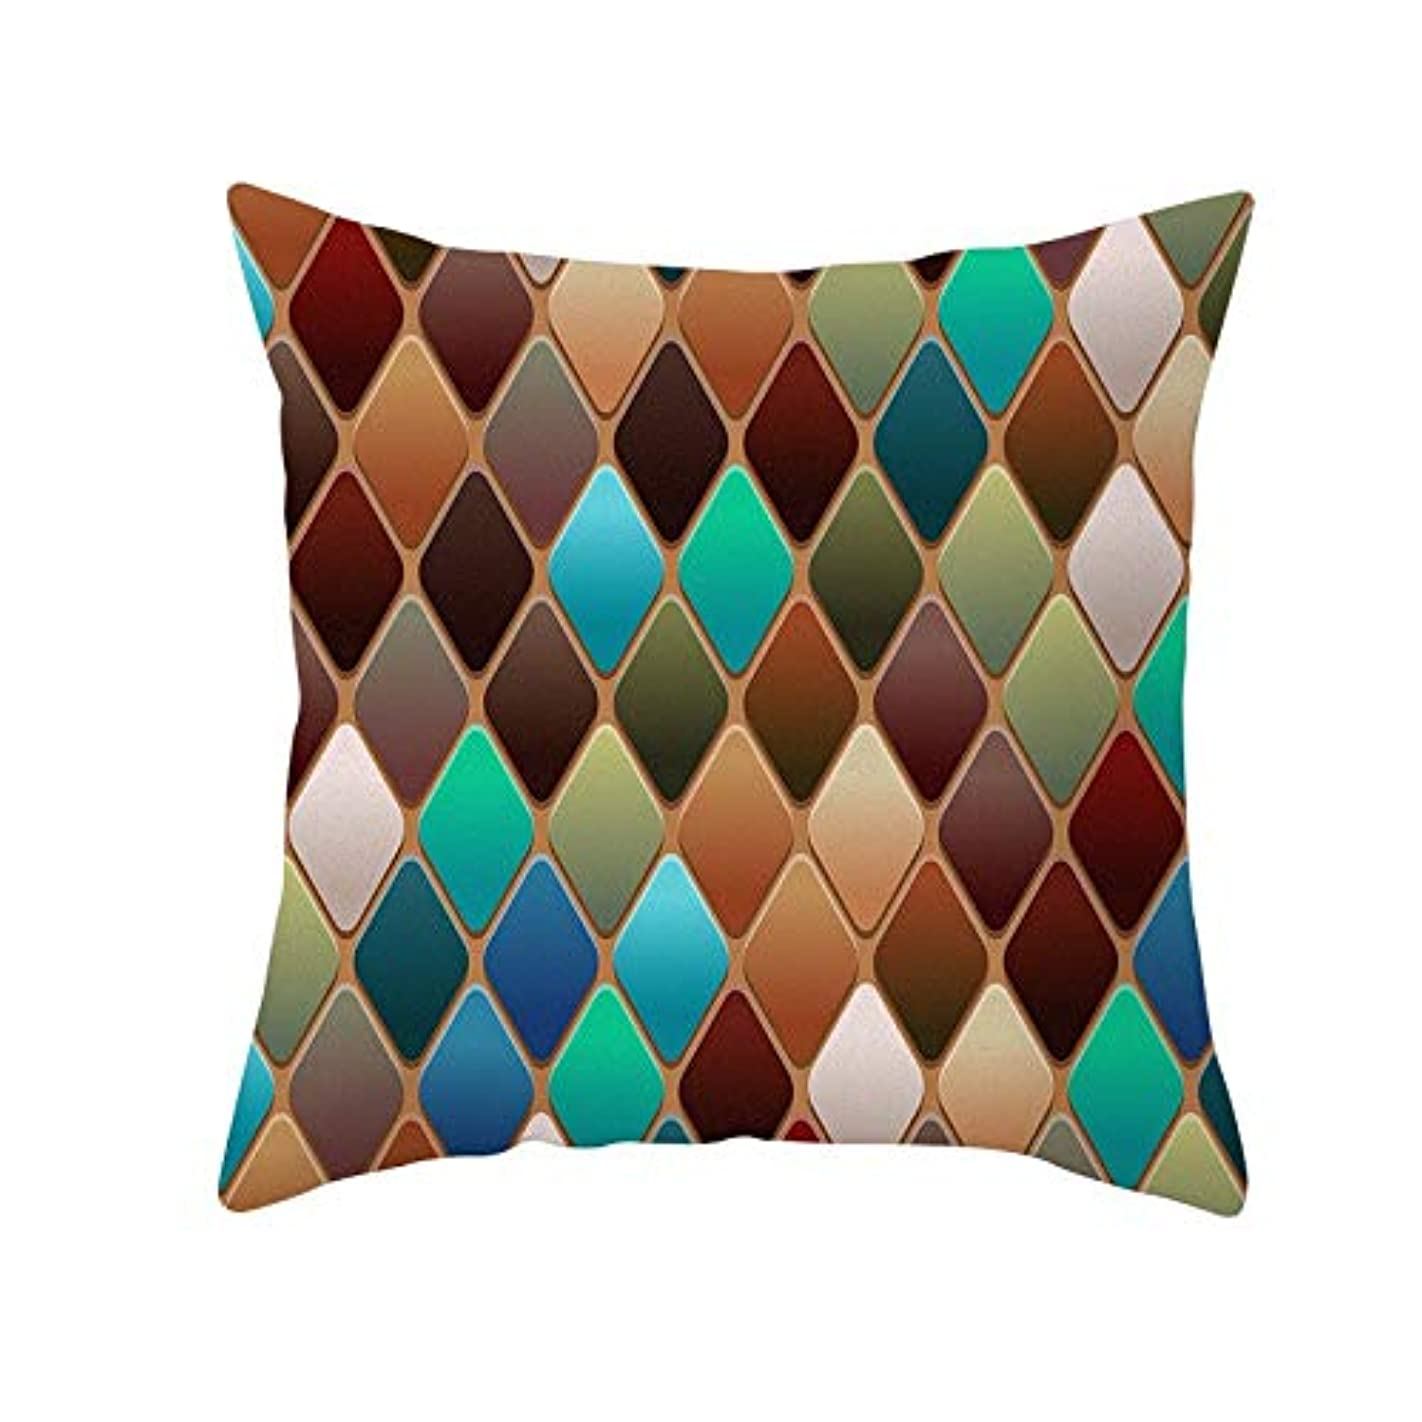 浮くゆるい準備したLIFE 装飾クッションソファ 幾何学プリントポリエステル正方形の枕ソファスロークッション家の装飾 coussin デ長椅子 クッション 椅子